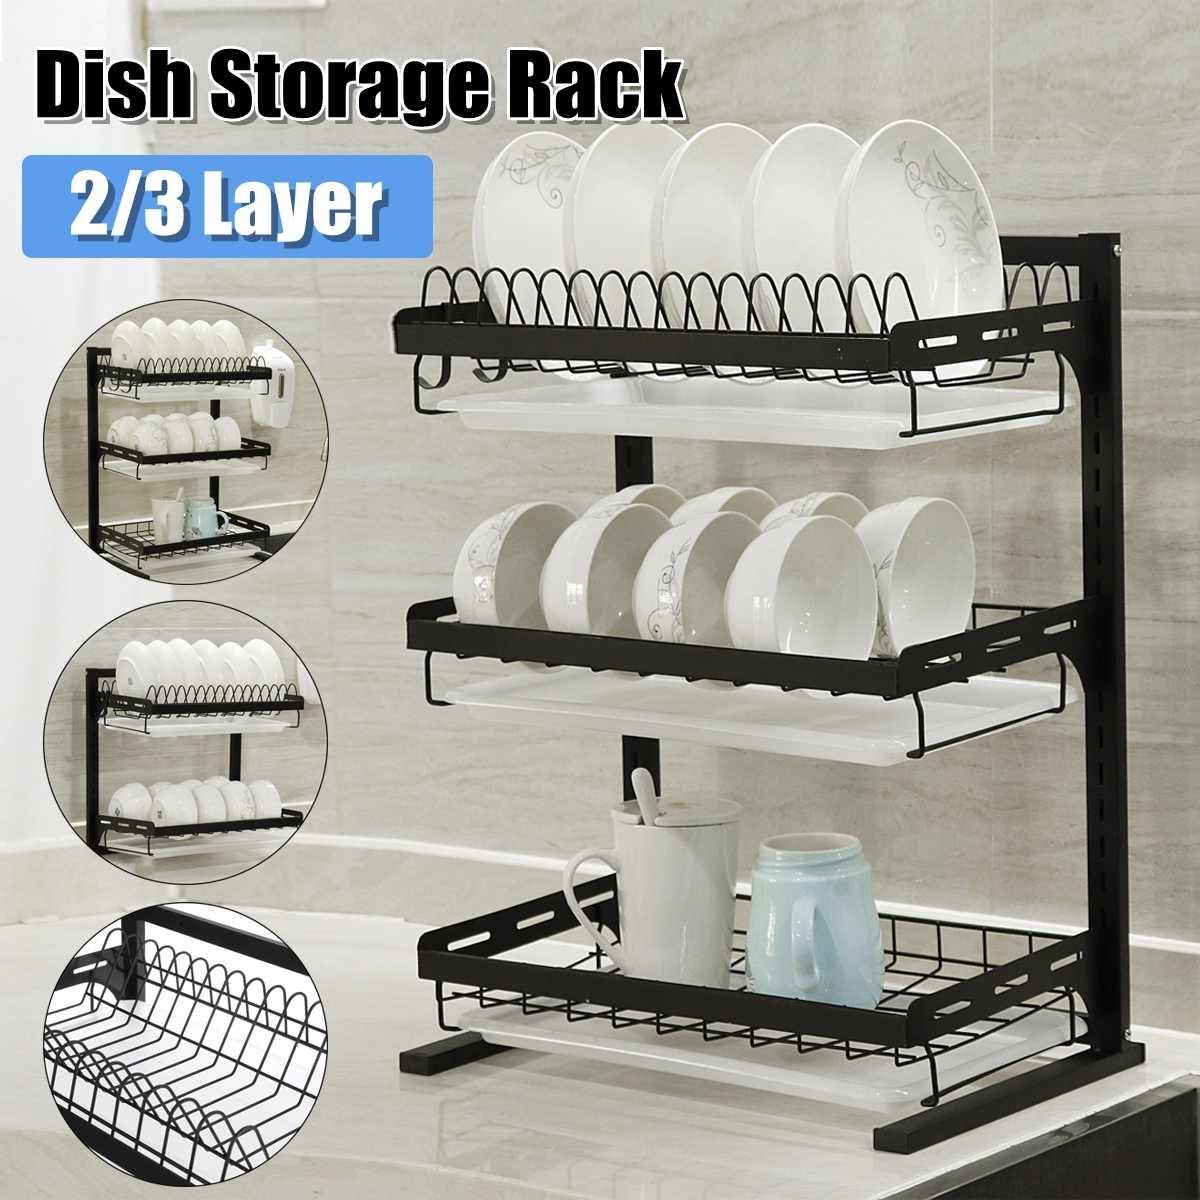 3 niveaux égouttoir à vaisselle en acier inoxydable plaque de cuisine couverts tasse égouttoir à vaisselle support de séchage mural cuisine organisateur support de rangement